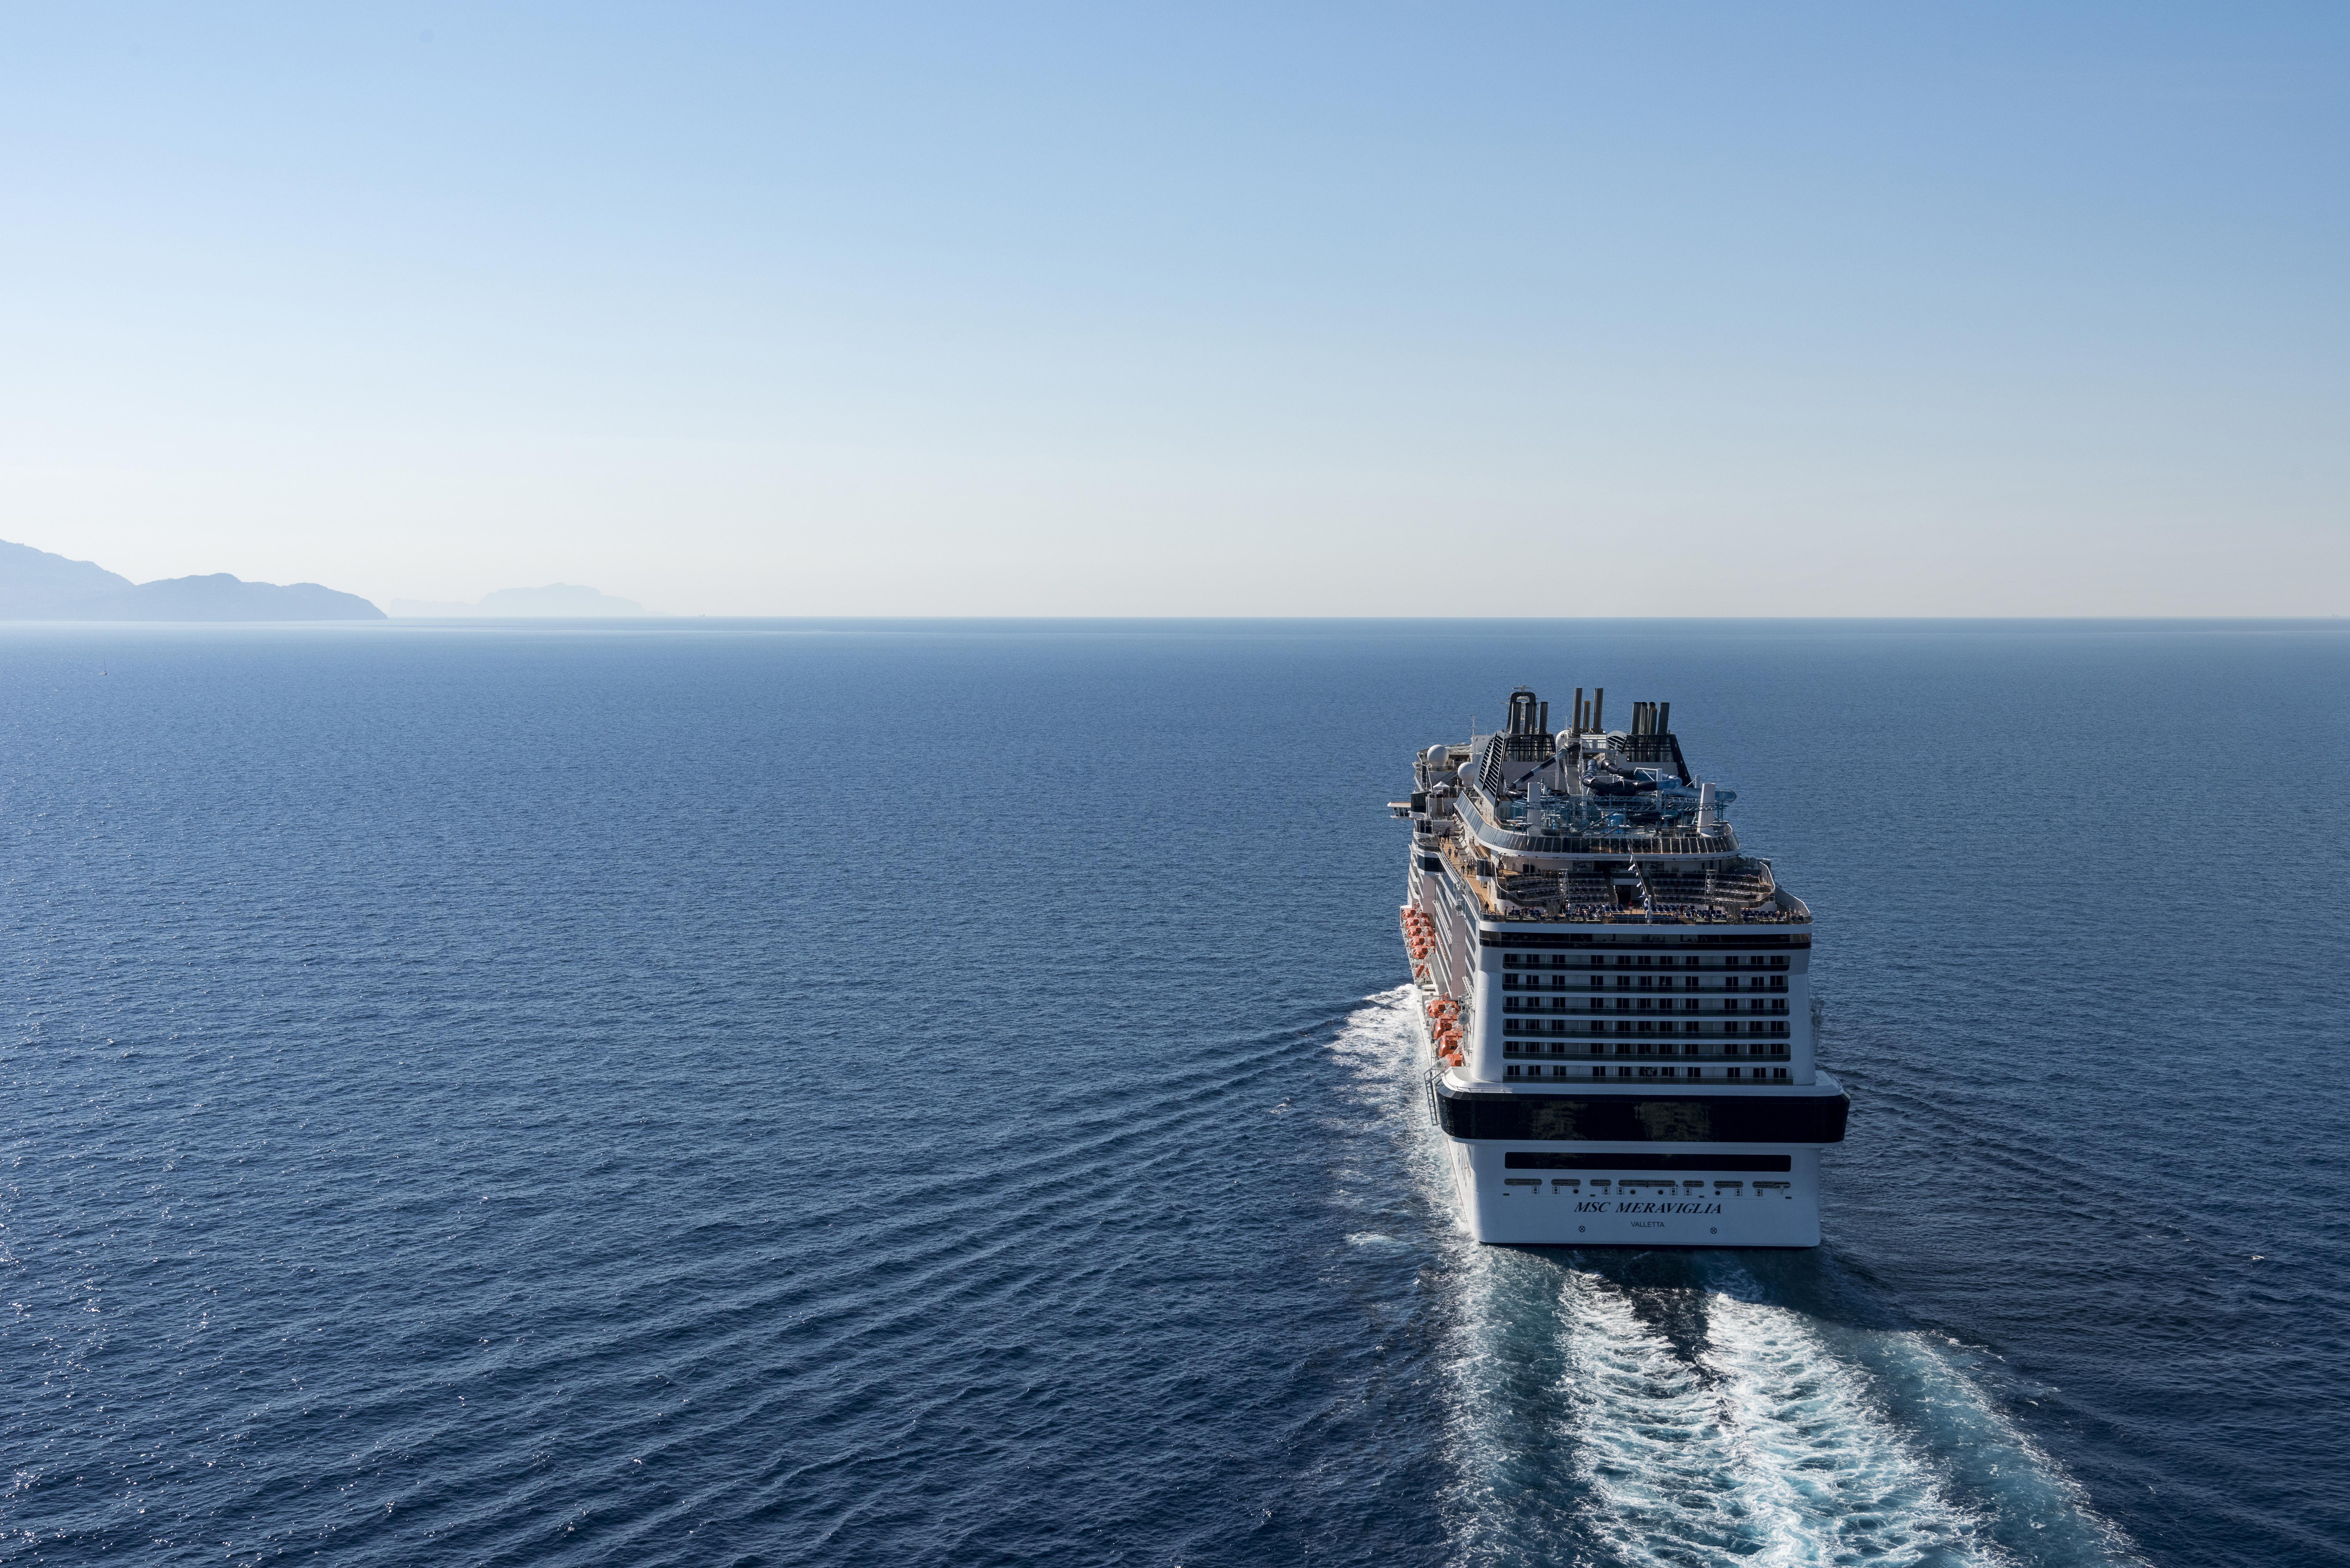 MSC Cruises construira lui aussi un terminal à Miami